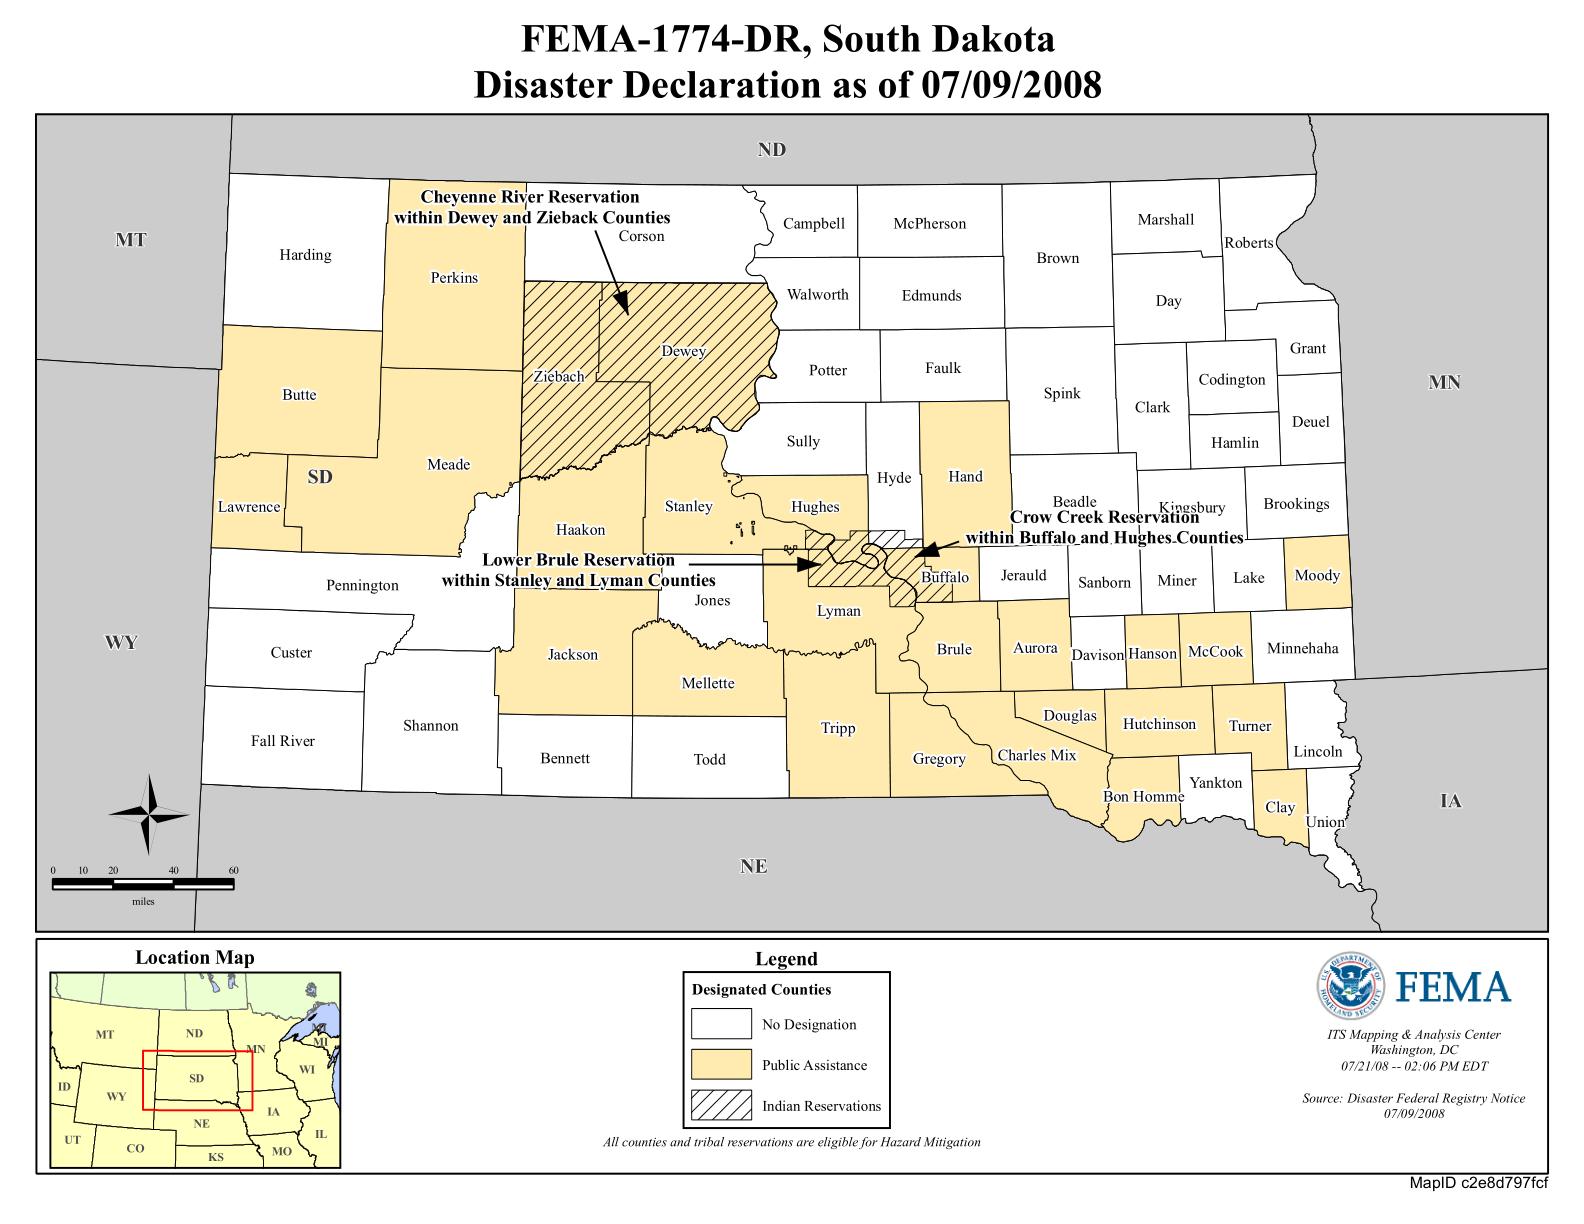 South Dakota Severe Storms and Flooding (DR-1774)   FEMA gov